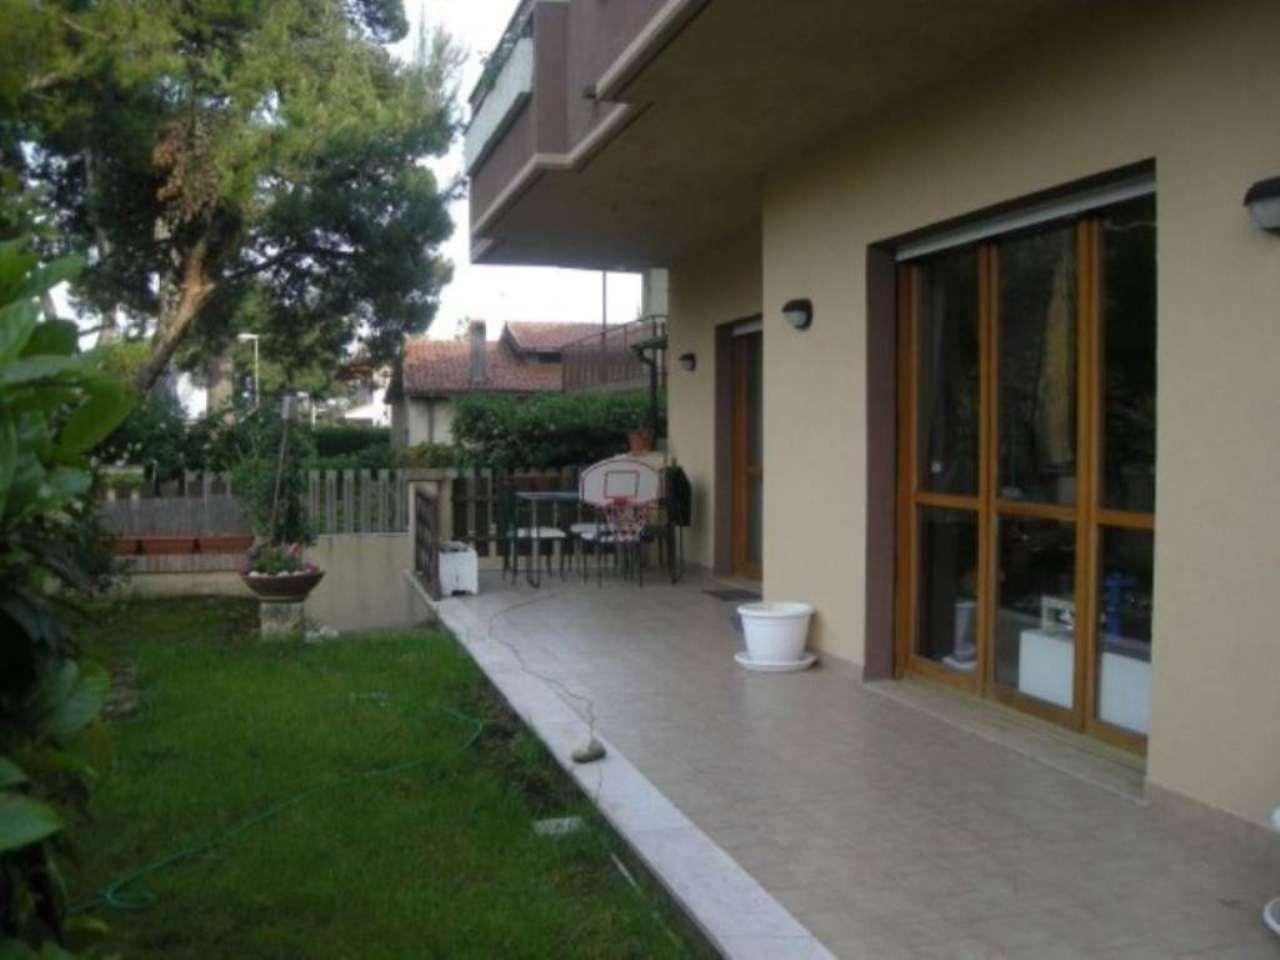 Villa in vendita a Francavilla al Mare, 6 locali, prezzo € 395.000 | Cambio Casa.it